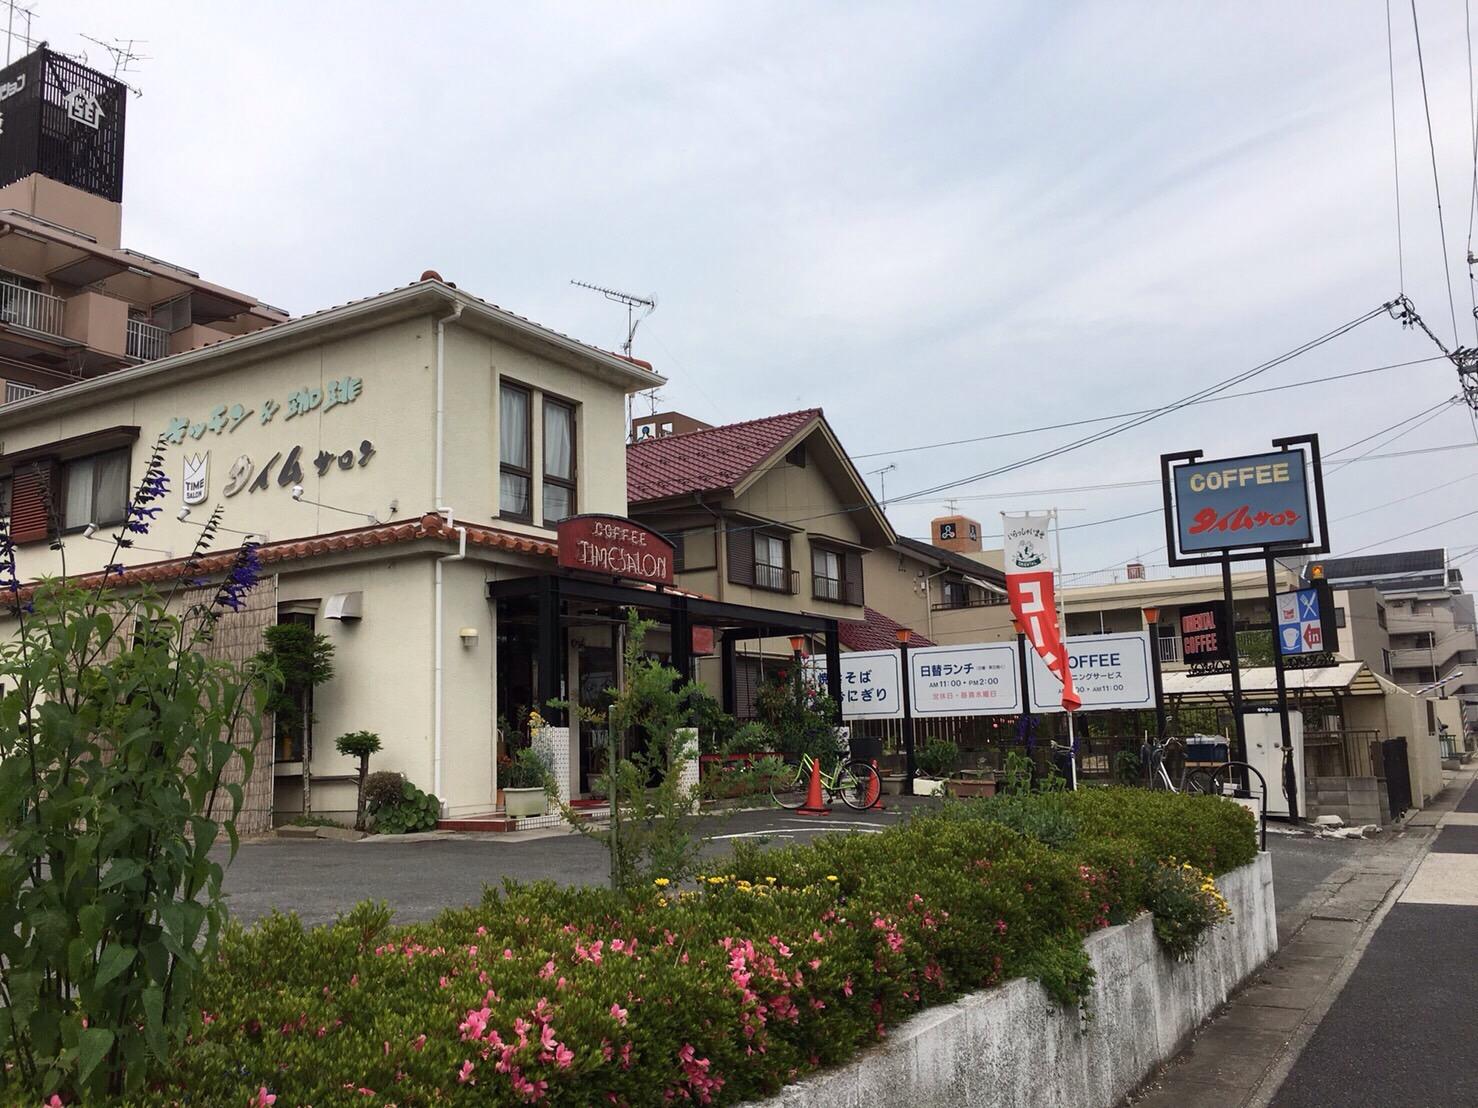 喫茶店タイムサロン (名古屋市天白区/カフェ)